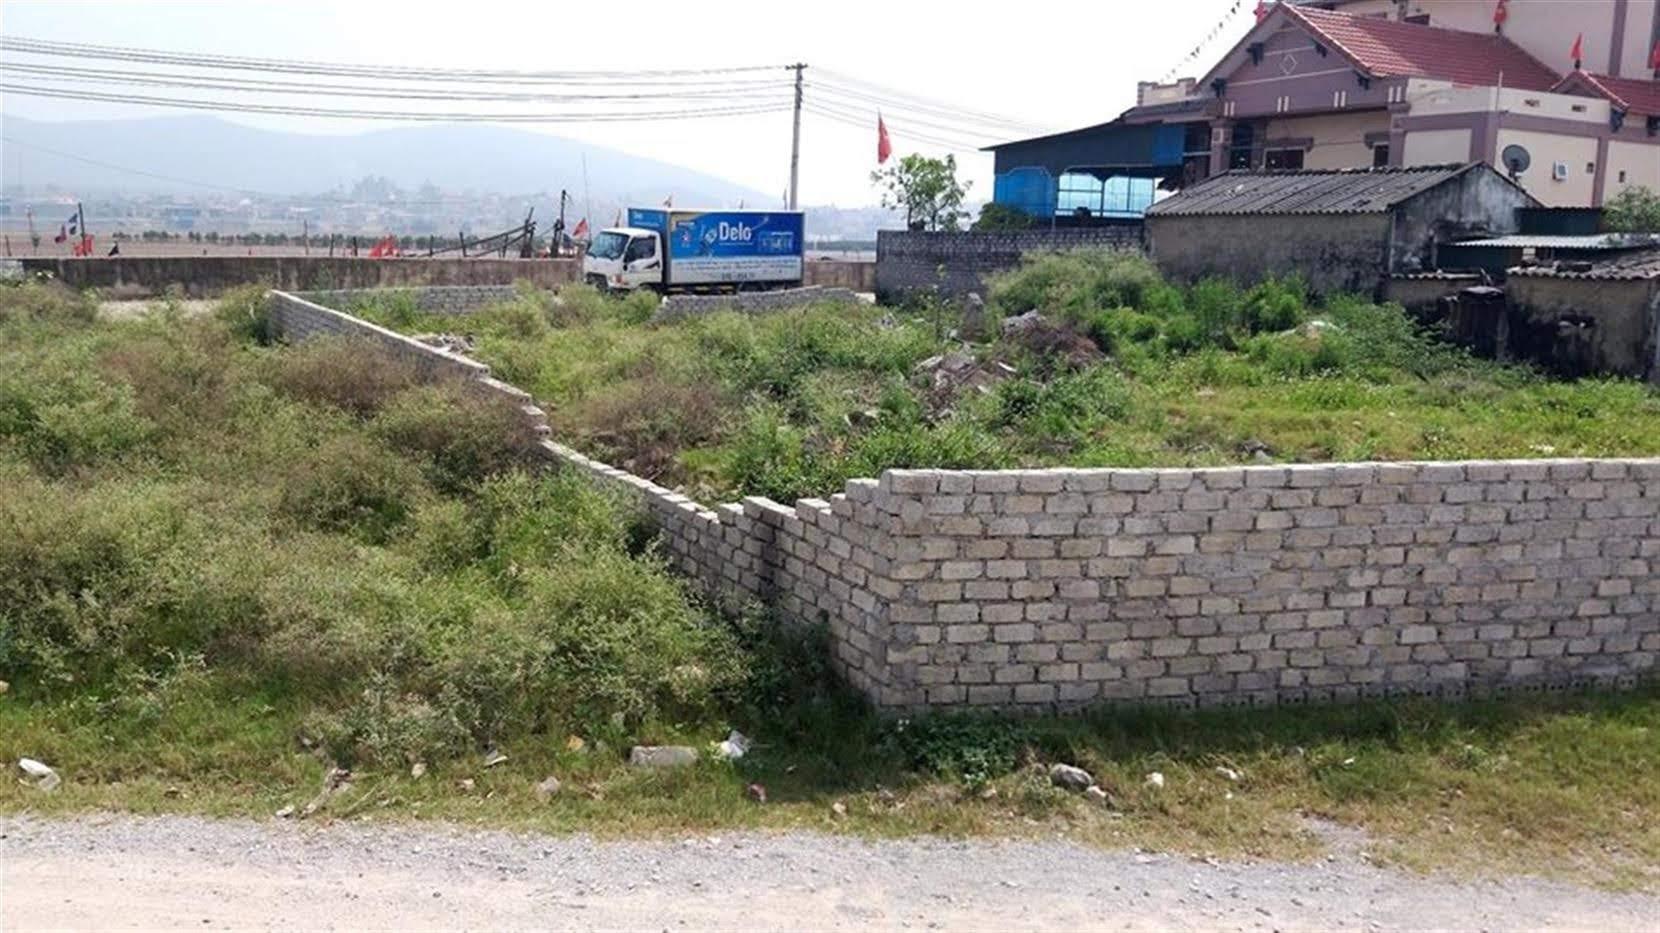 Hiện trạng khu vực ông Phan Văn Cư xây dựng tường bao, bị xử phạt vi phạm hành chính